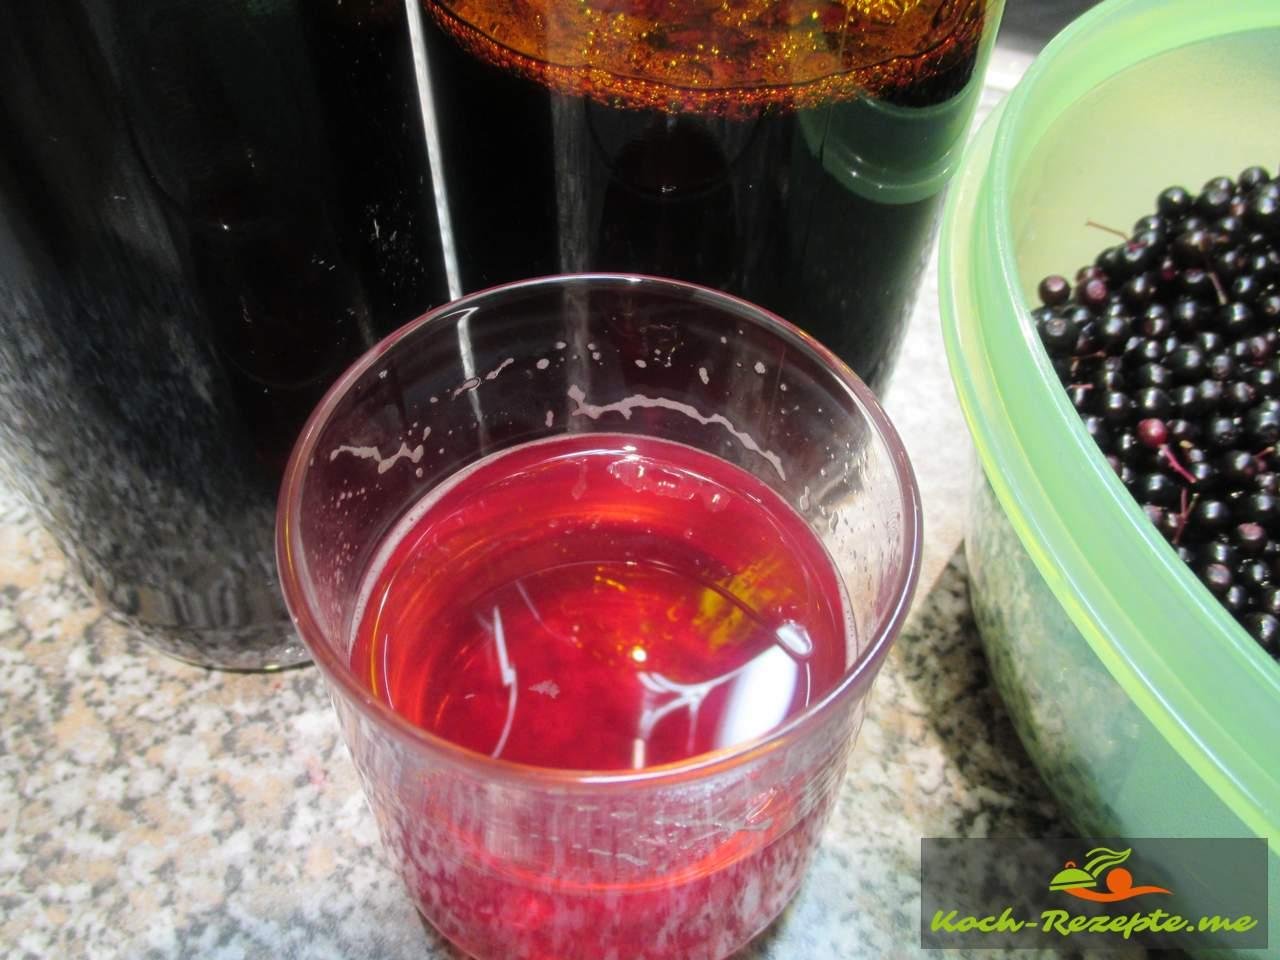 fertiges Produkt Holunderbeeren Sirup verdünnt mit Wasser sehr erfrischend